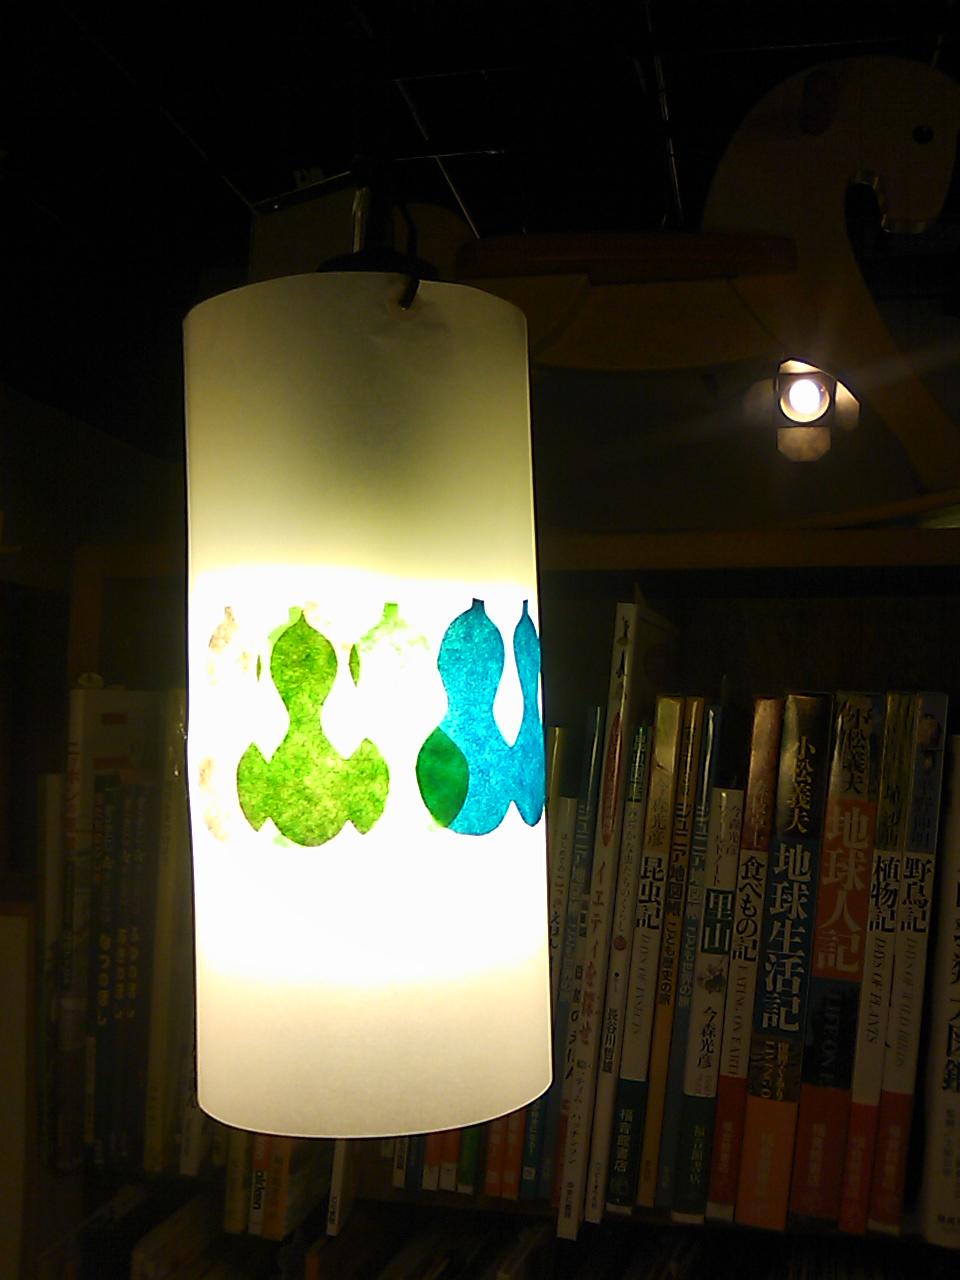 http://www.hyakuchomori.co.jp/blog2/images/SN3K0998.JPG